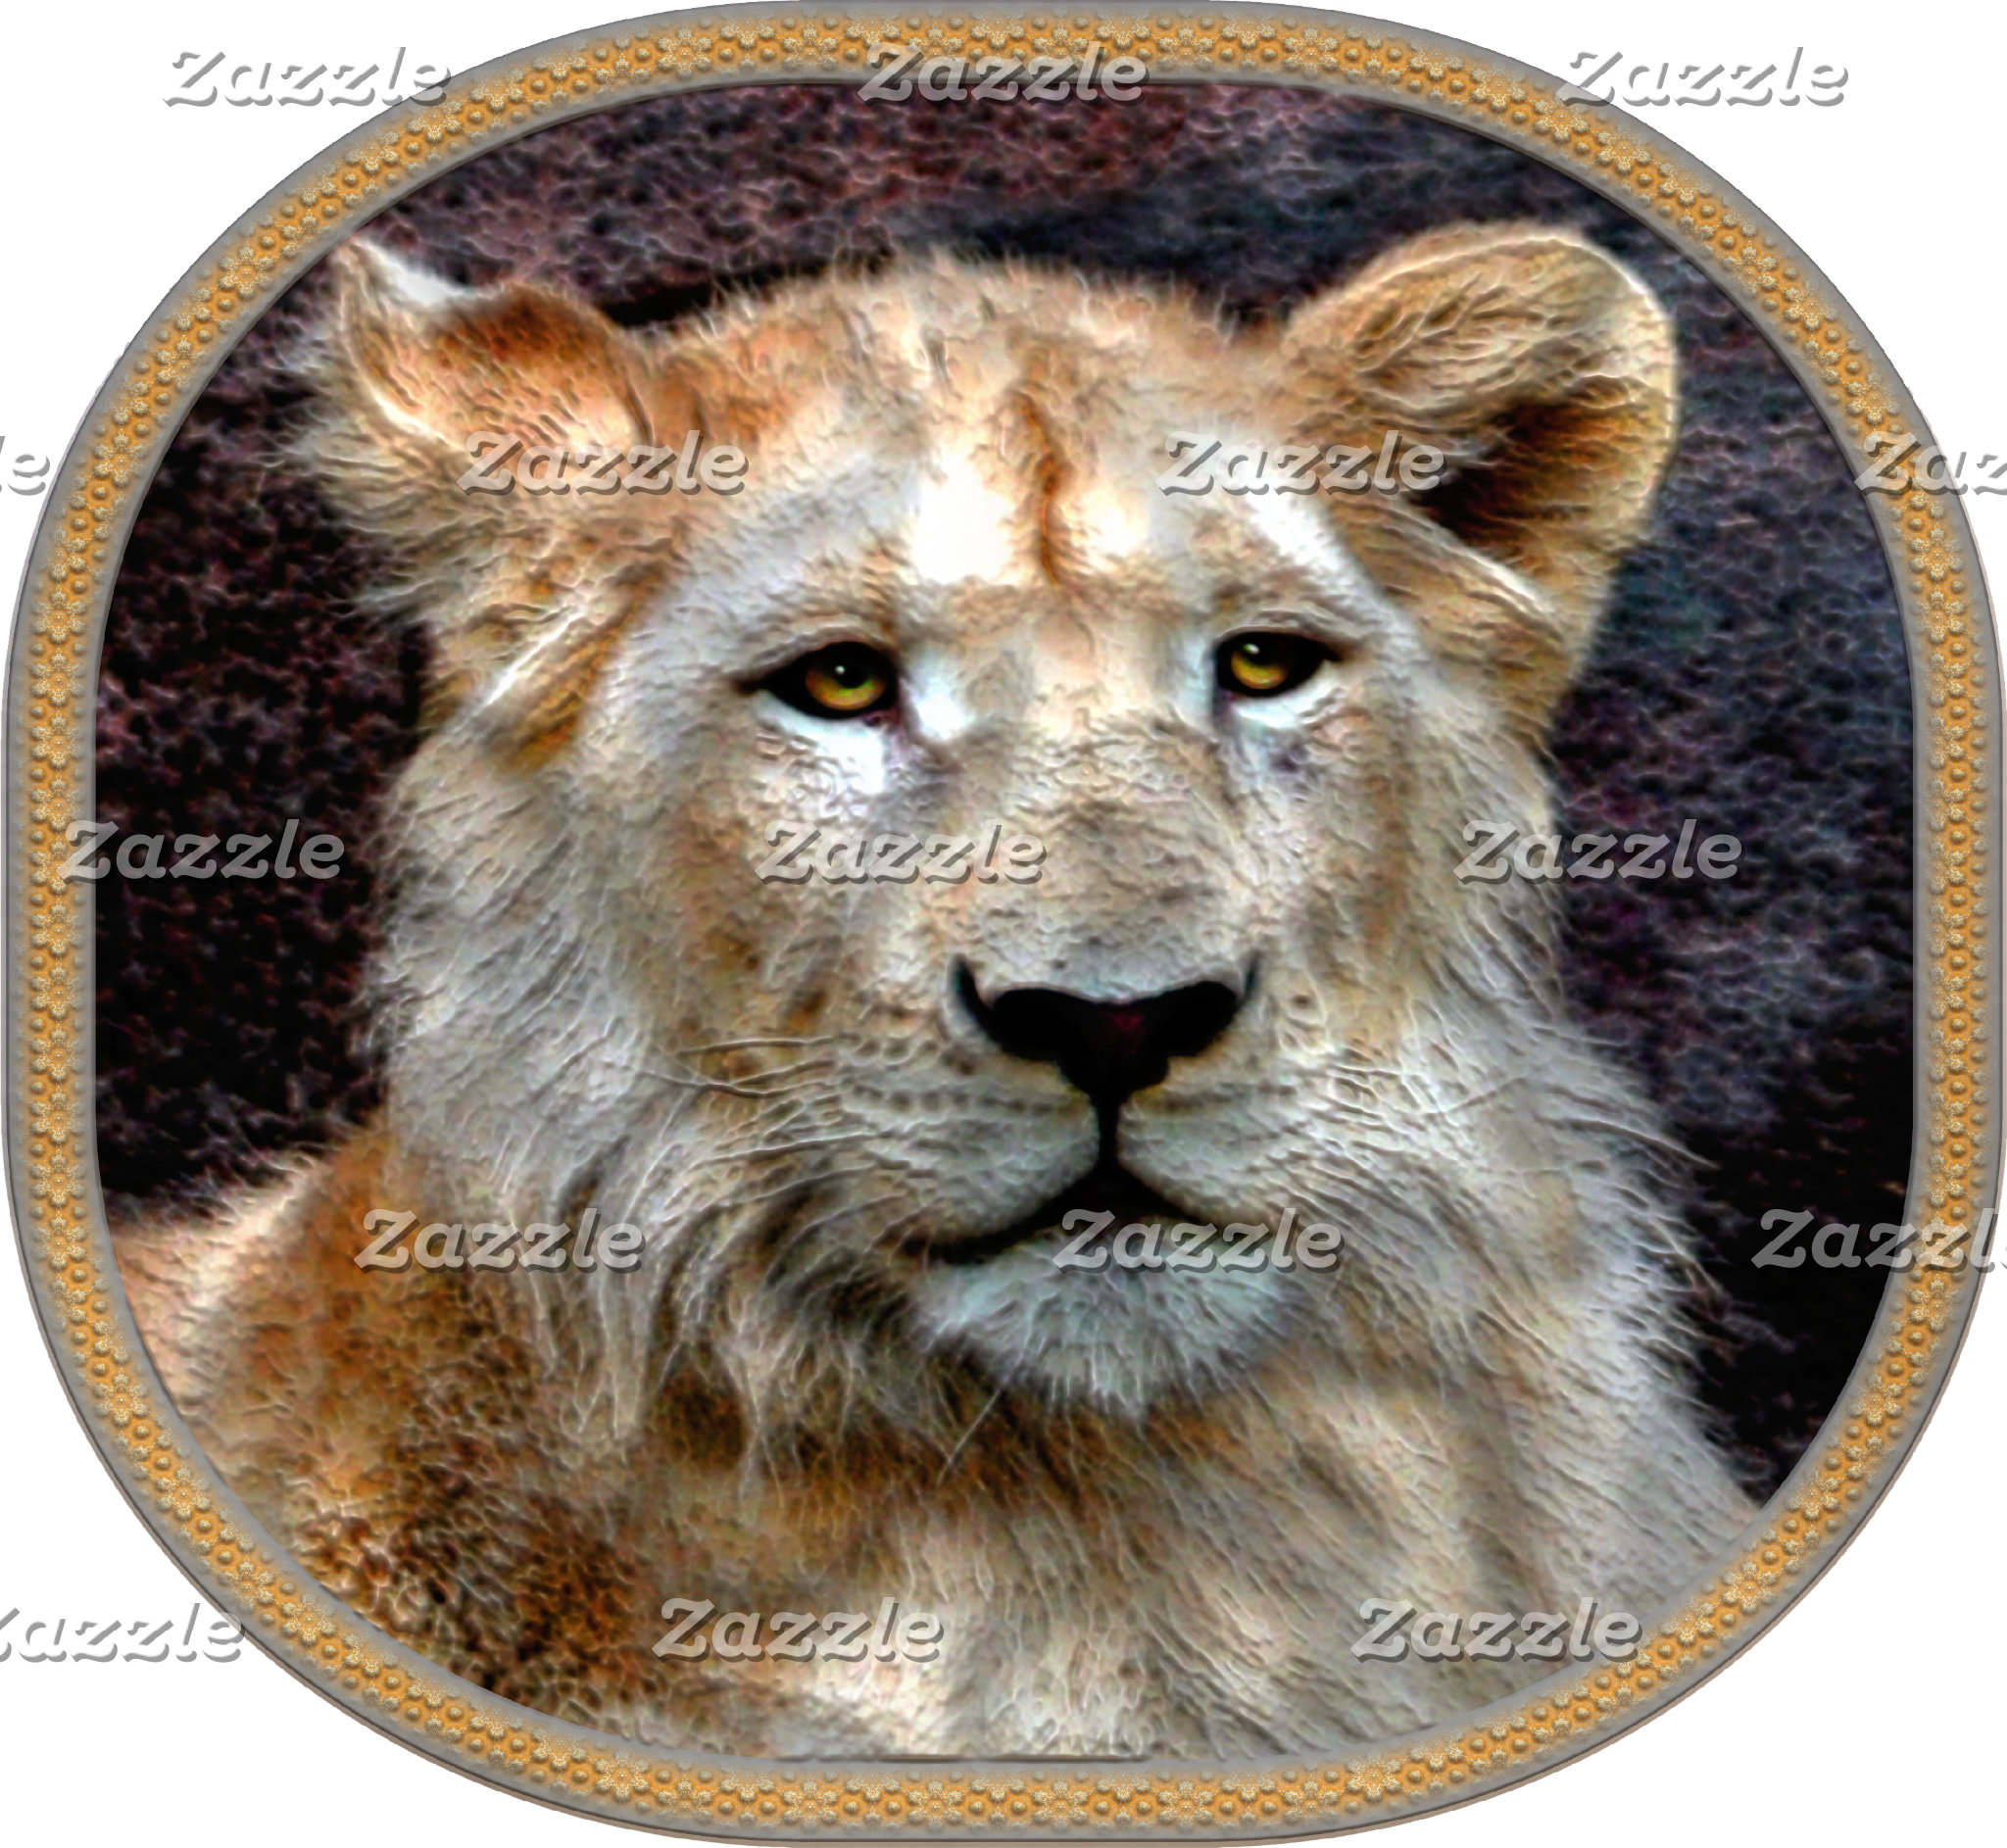 AFRICAN WILDLIFE Cats, Meerkats, Elephants, Zebras